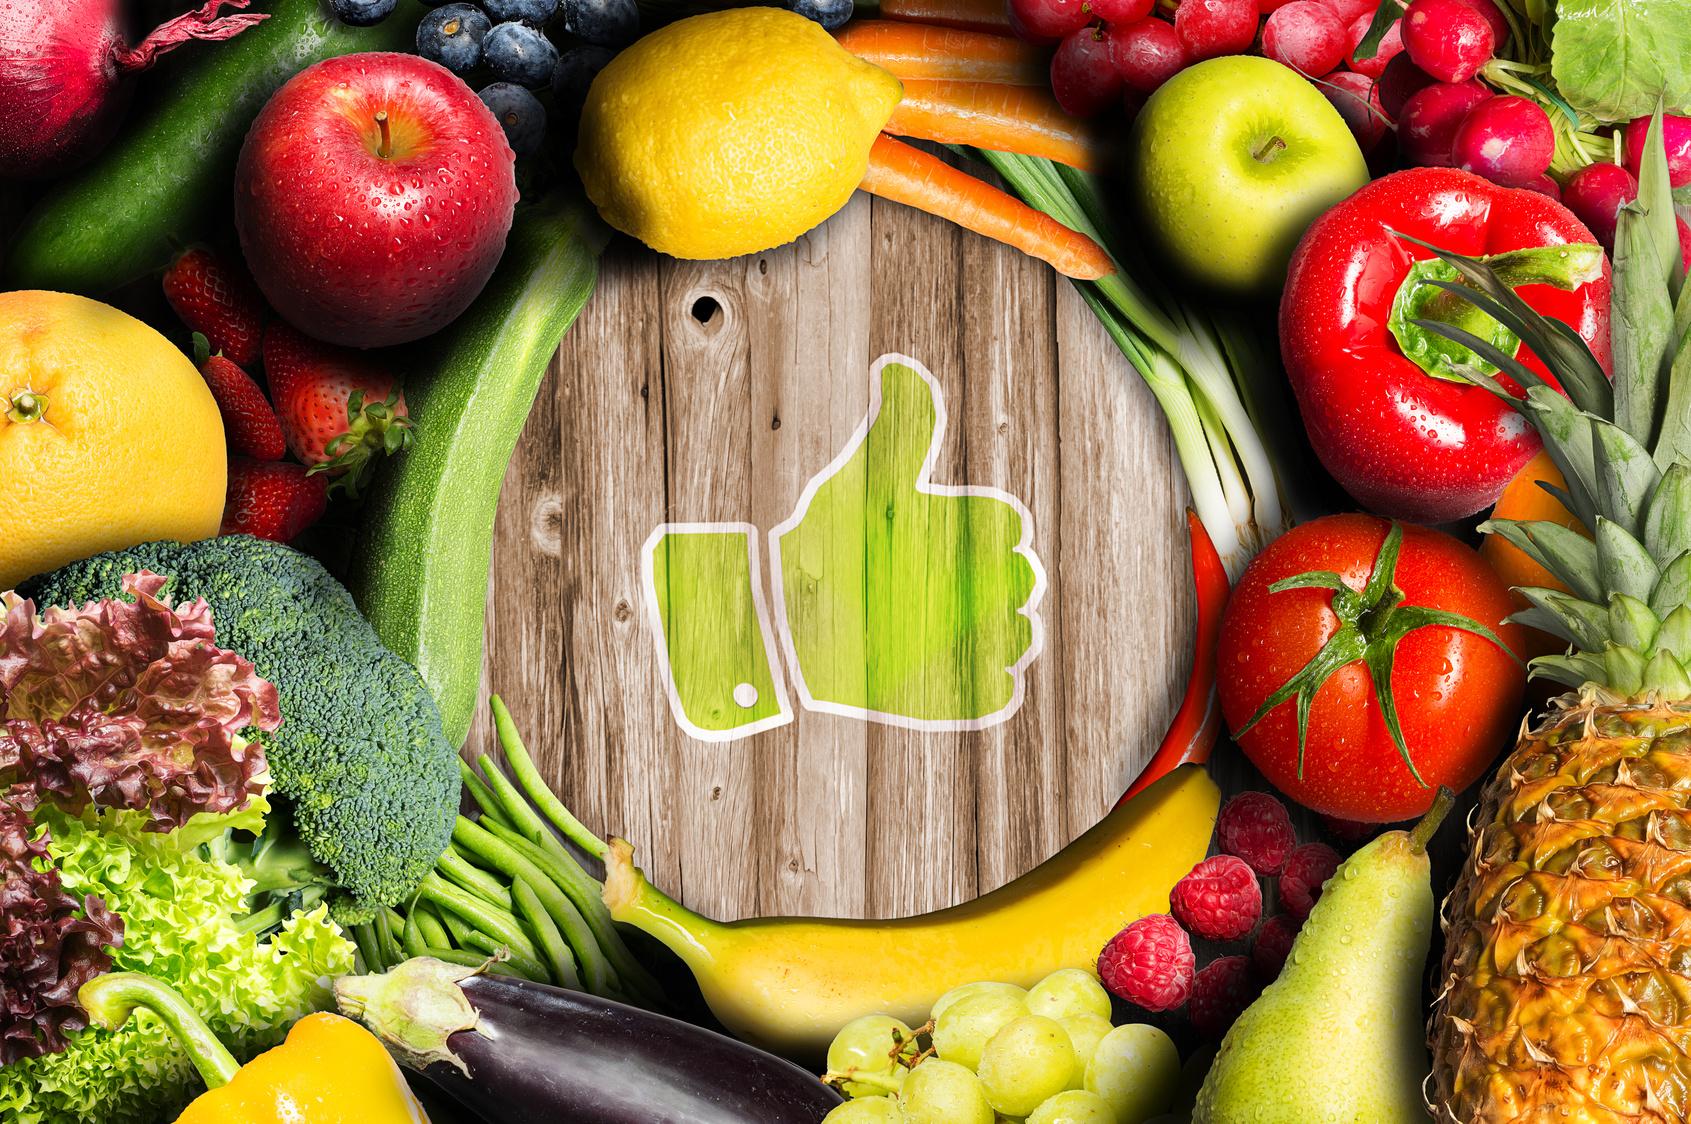 Flavonoidi - l'immagine mostra frutta e verdura su un tavolo